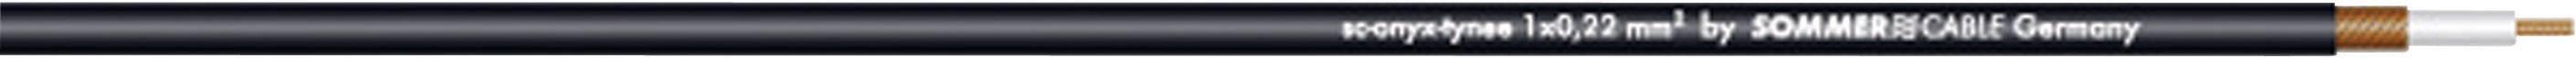 Nástrojový kabel Sommer Cable 300-0031, 1 x 0.22 mm², černá, metrové zboží